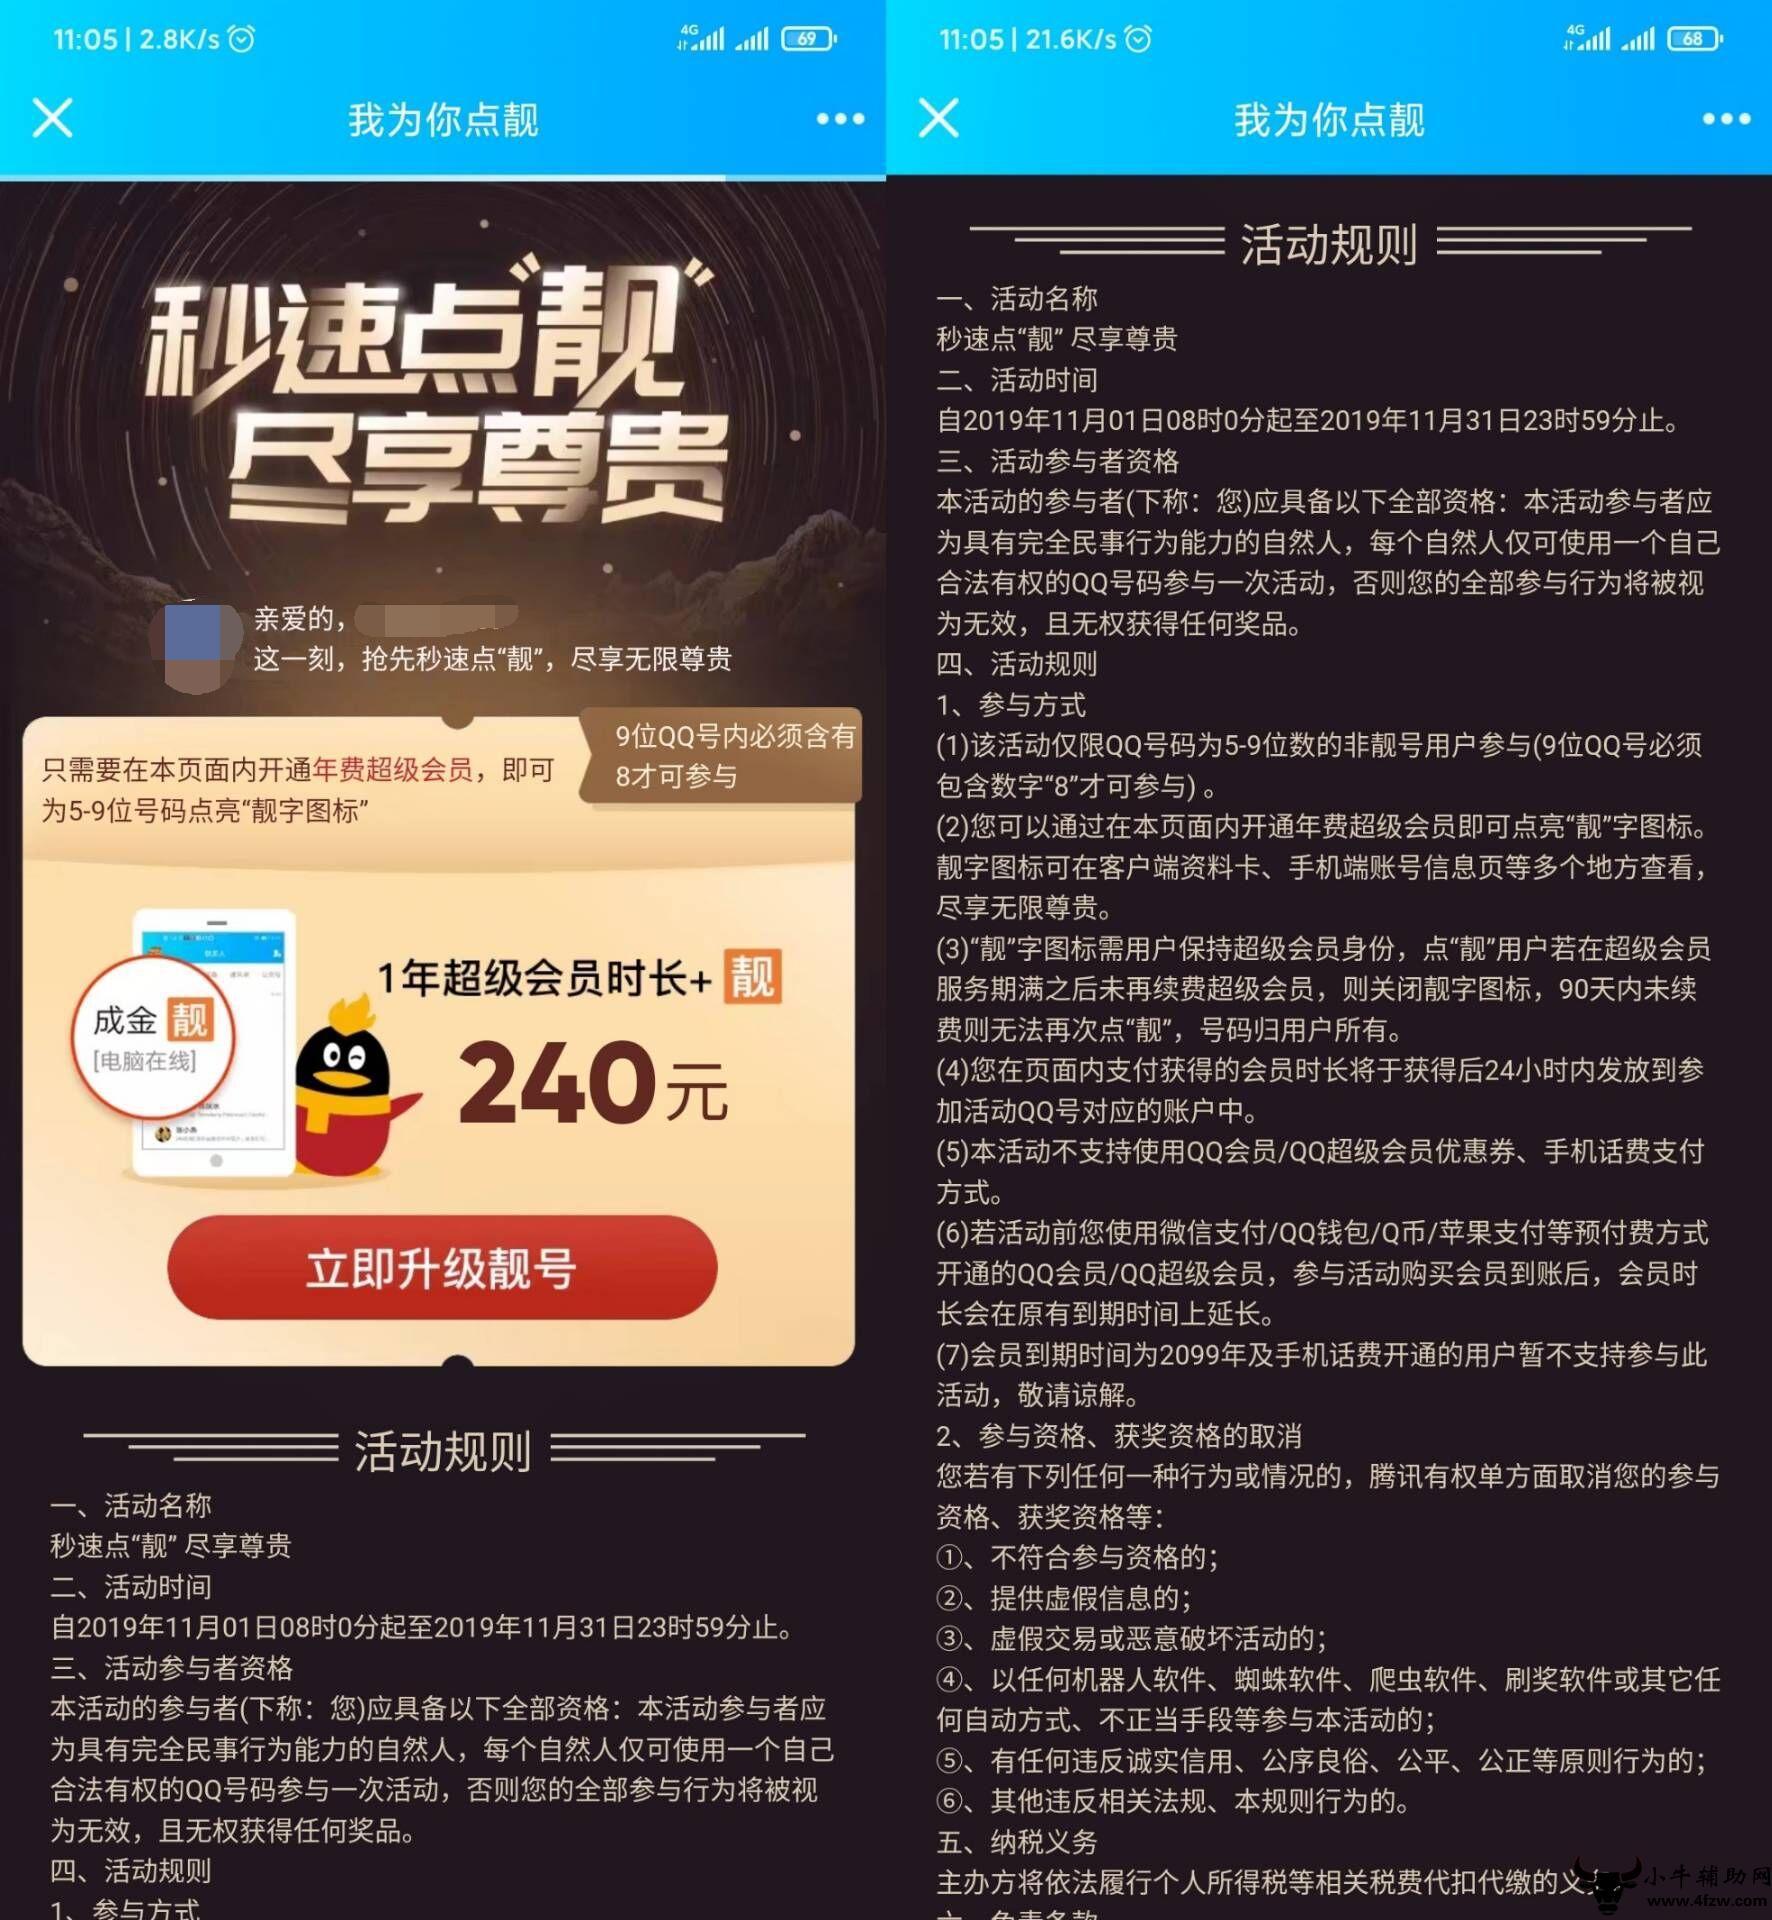 开1年超会点亮QQ靓字图标活动.jpg